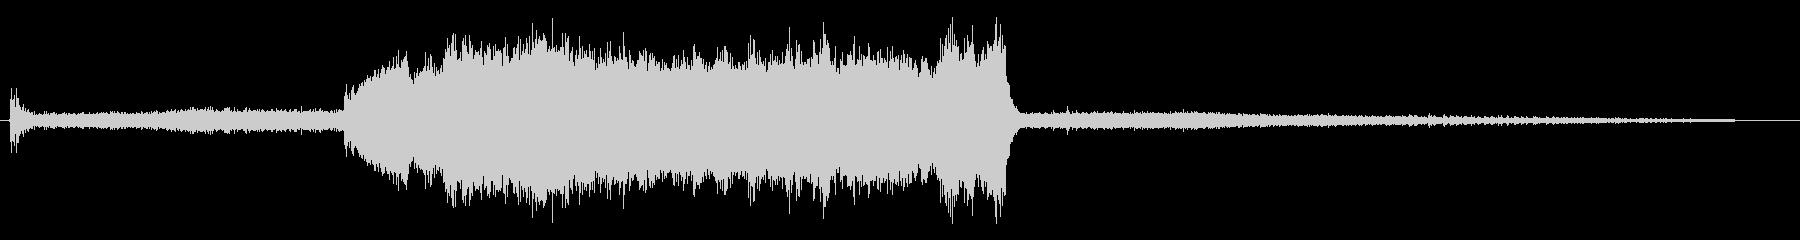 アングルグラインダー-研削金属(シ...の未再生の波形